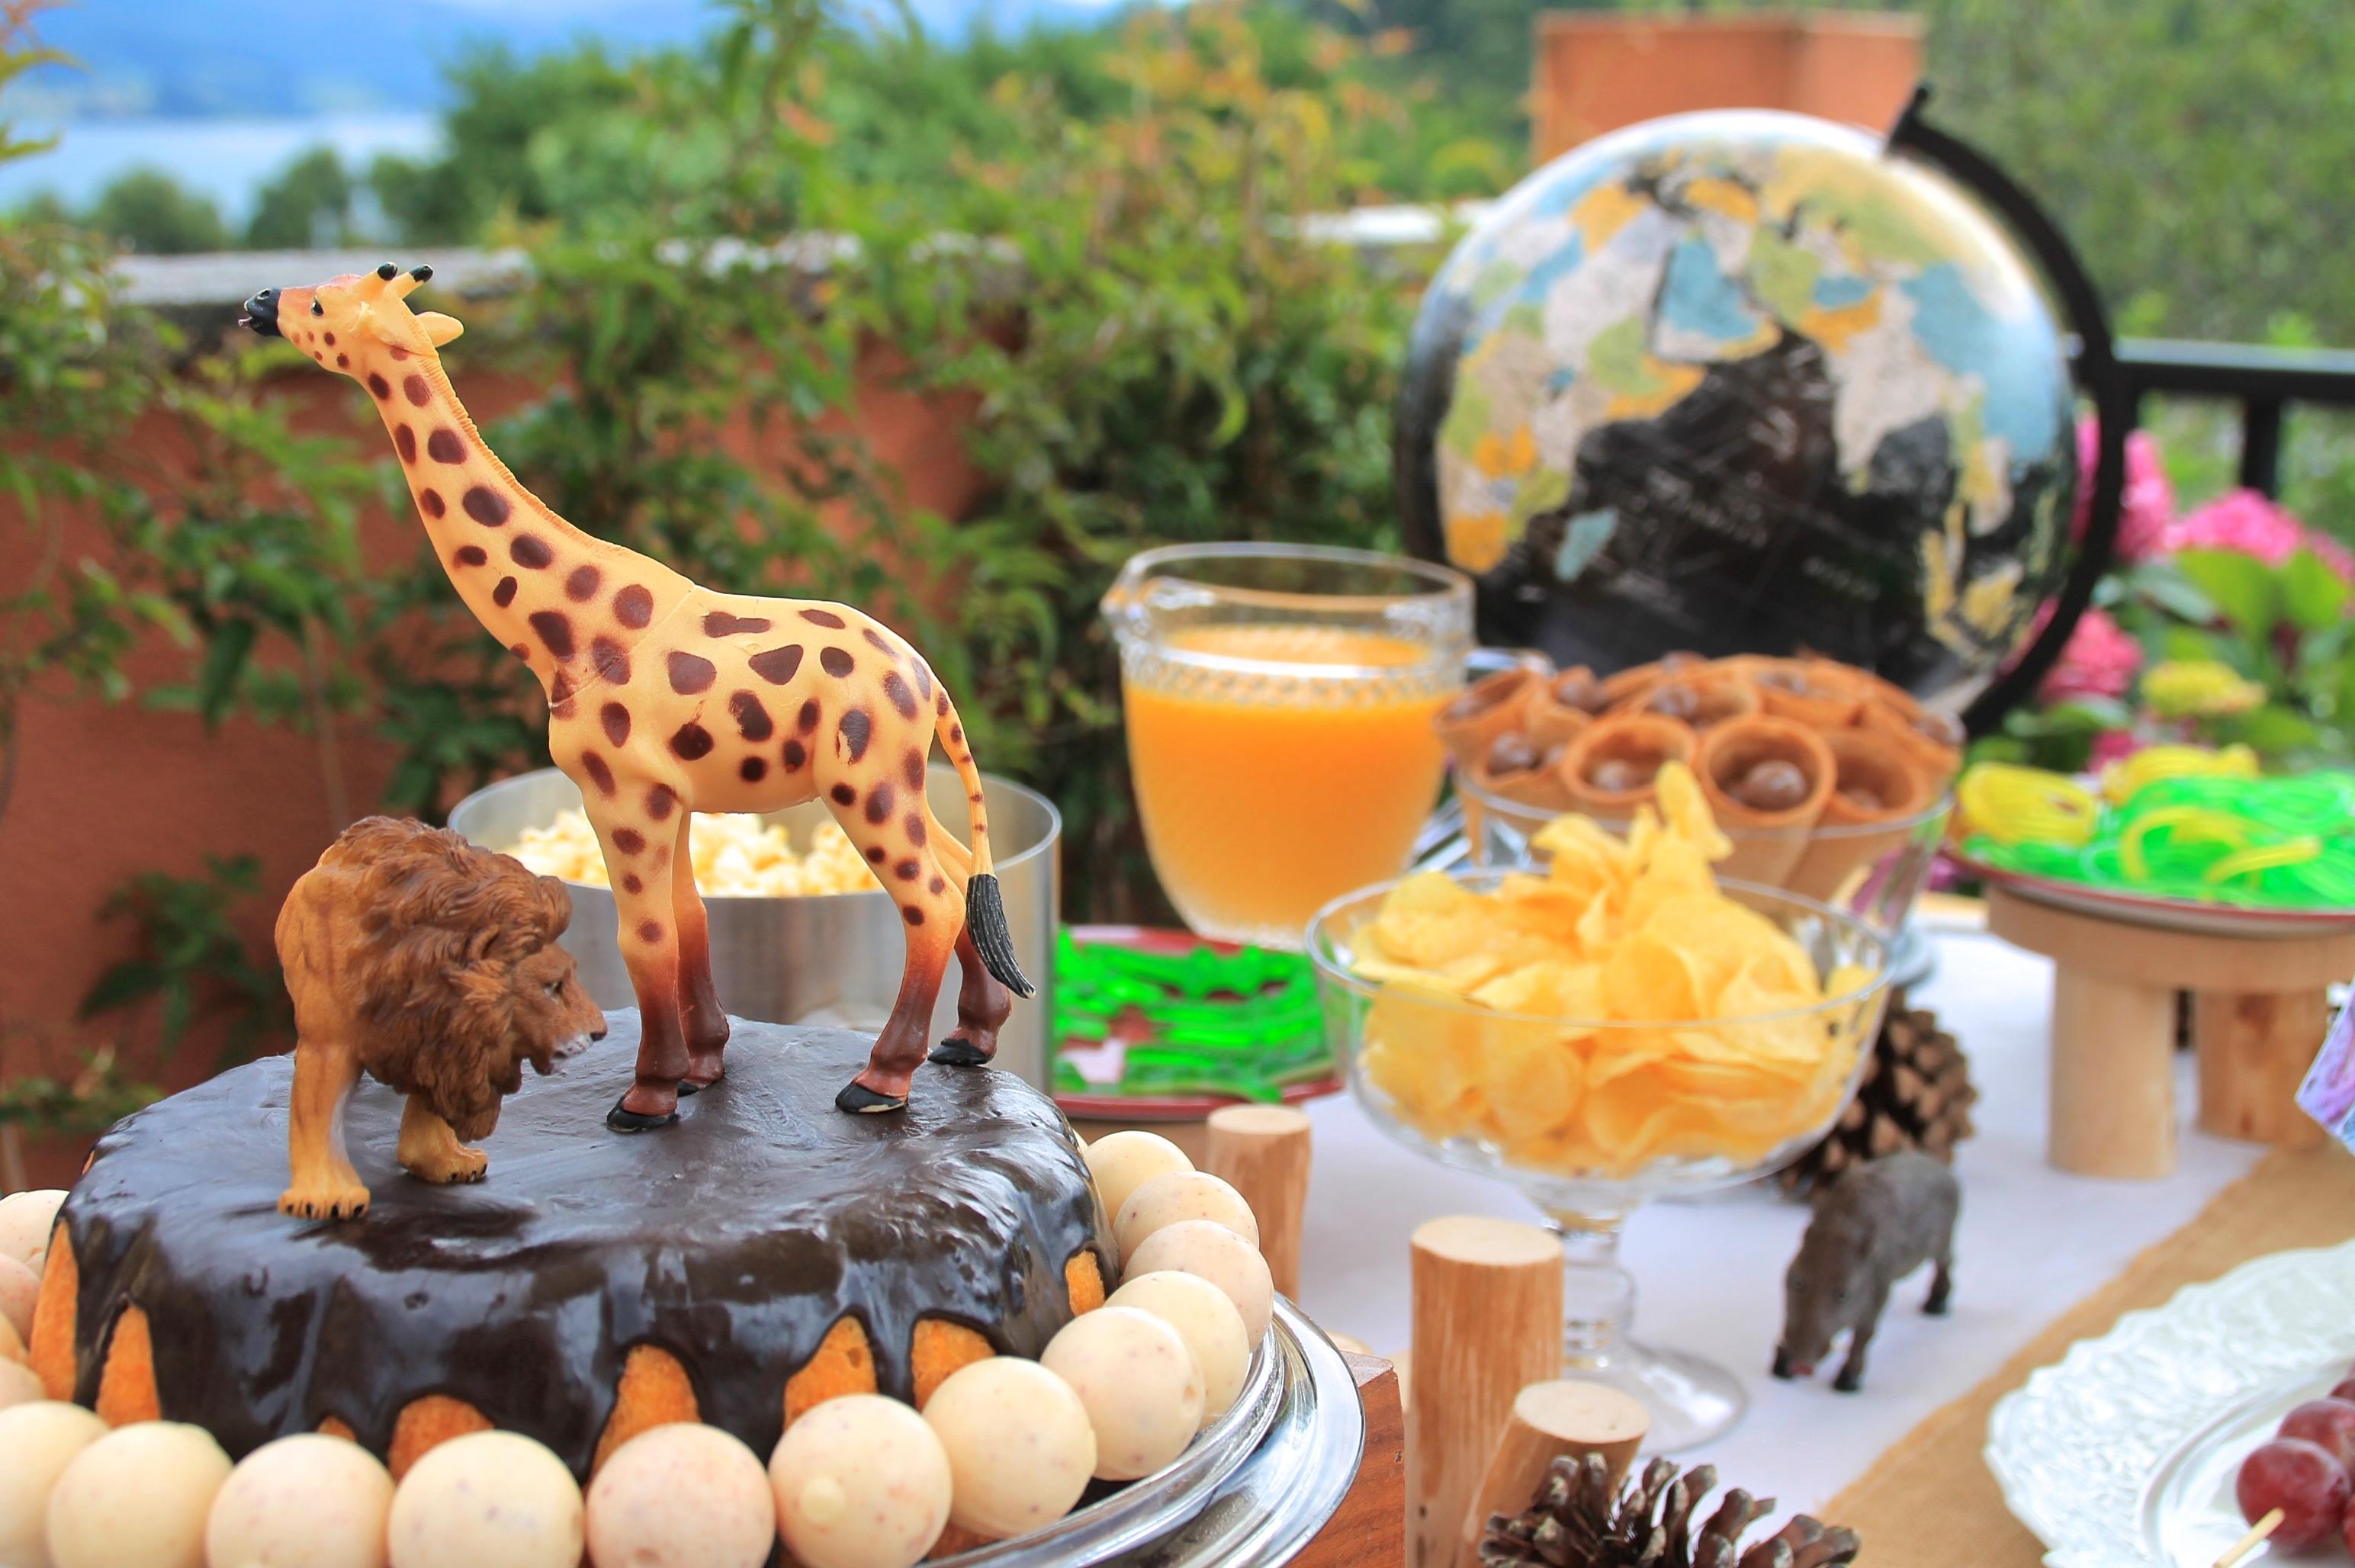 Segundo cumplea os en diez dias una fiesta de exploradores - Fiesta de cumpleanos en casa para ninos ...